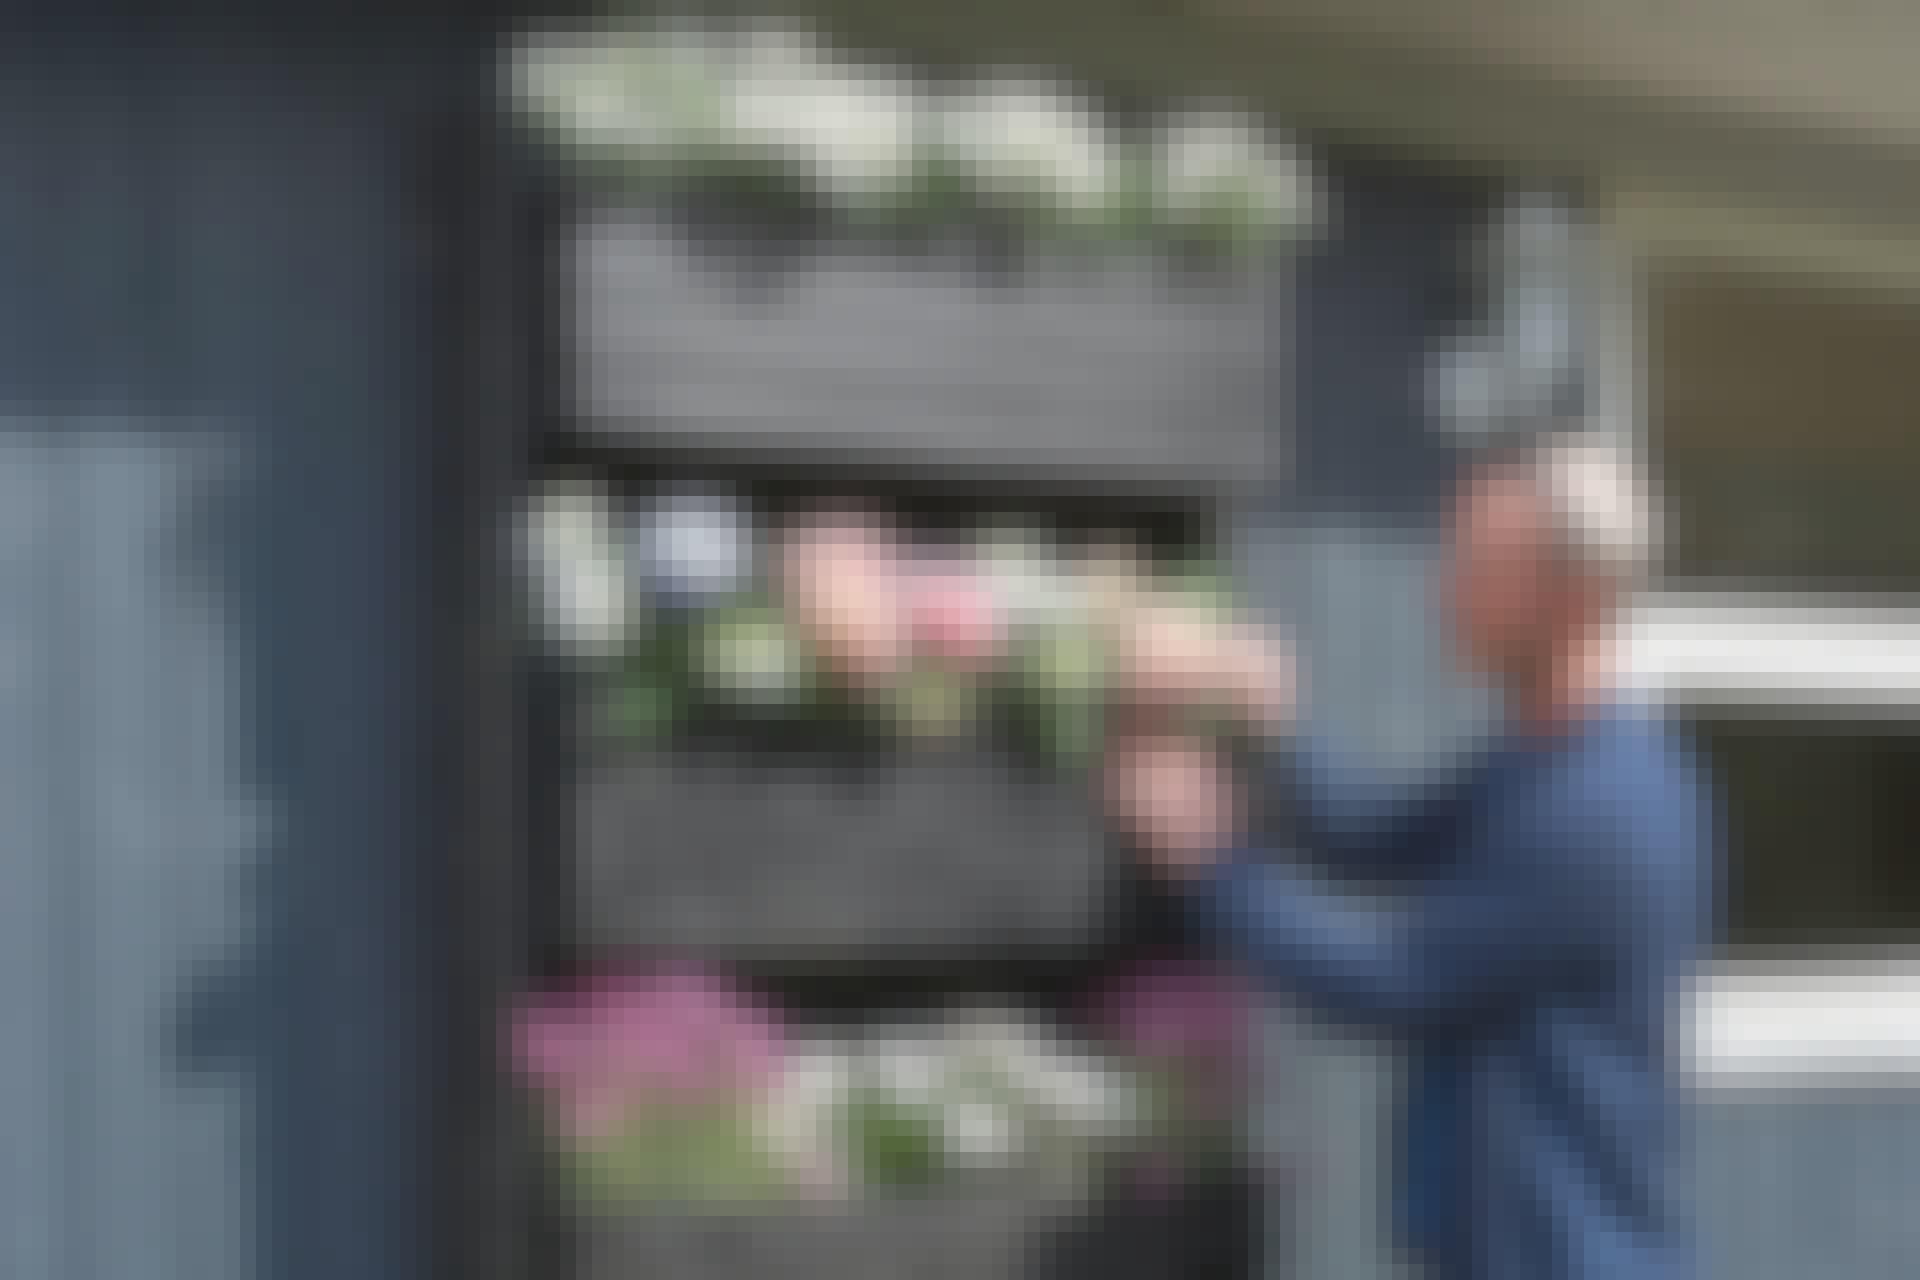 Laatikoita voi nostaa ja laskea helposti sen mukaan, kuinka paljon tilaa kasvit tarvitsevat.